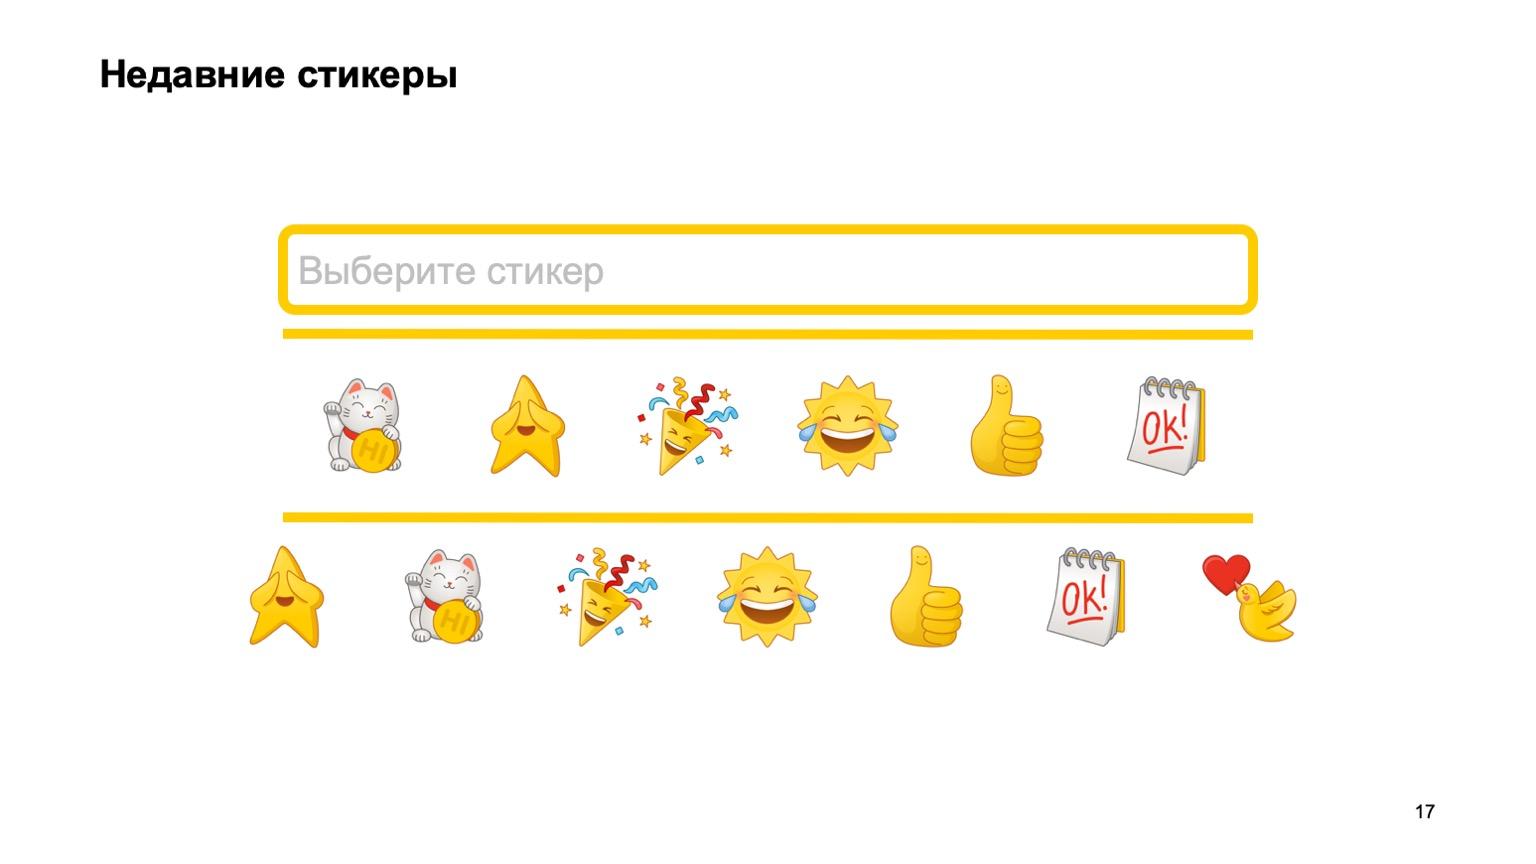 Мобильная разработка — это просто и скучно? Доклад Яндекса - 16